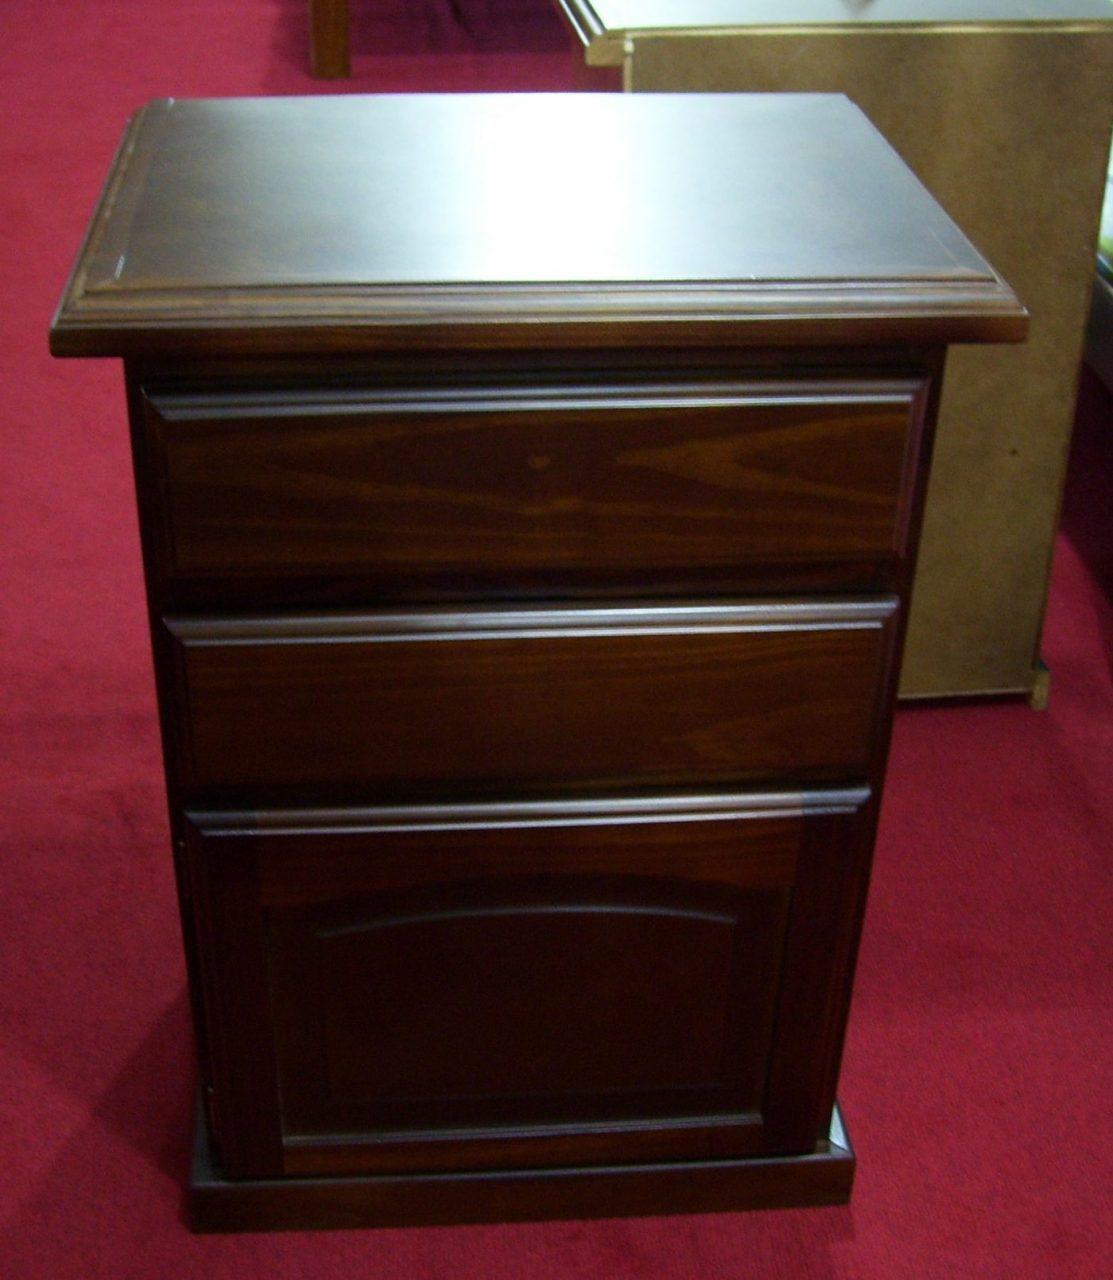 Mesas de luz en madera a medida omb muebles uruguay for Muebles madera maciza uruguay